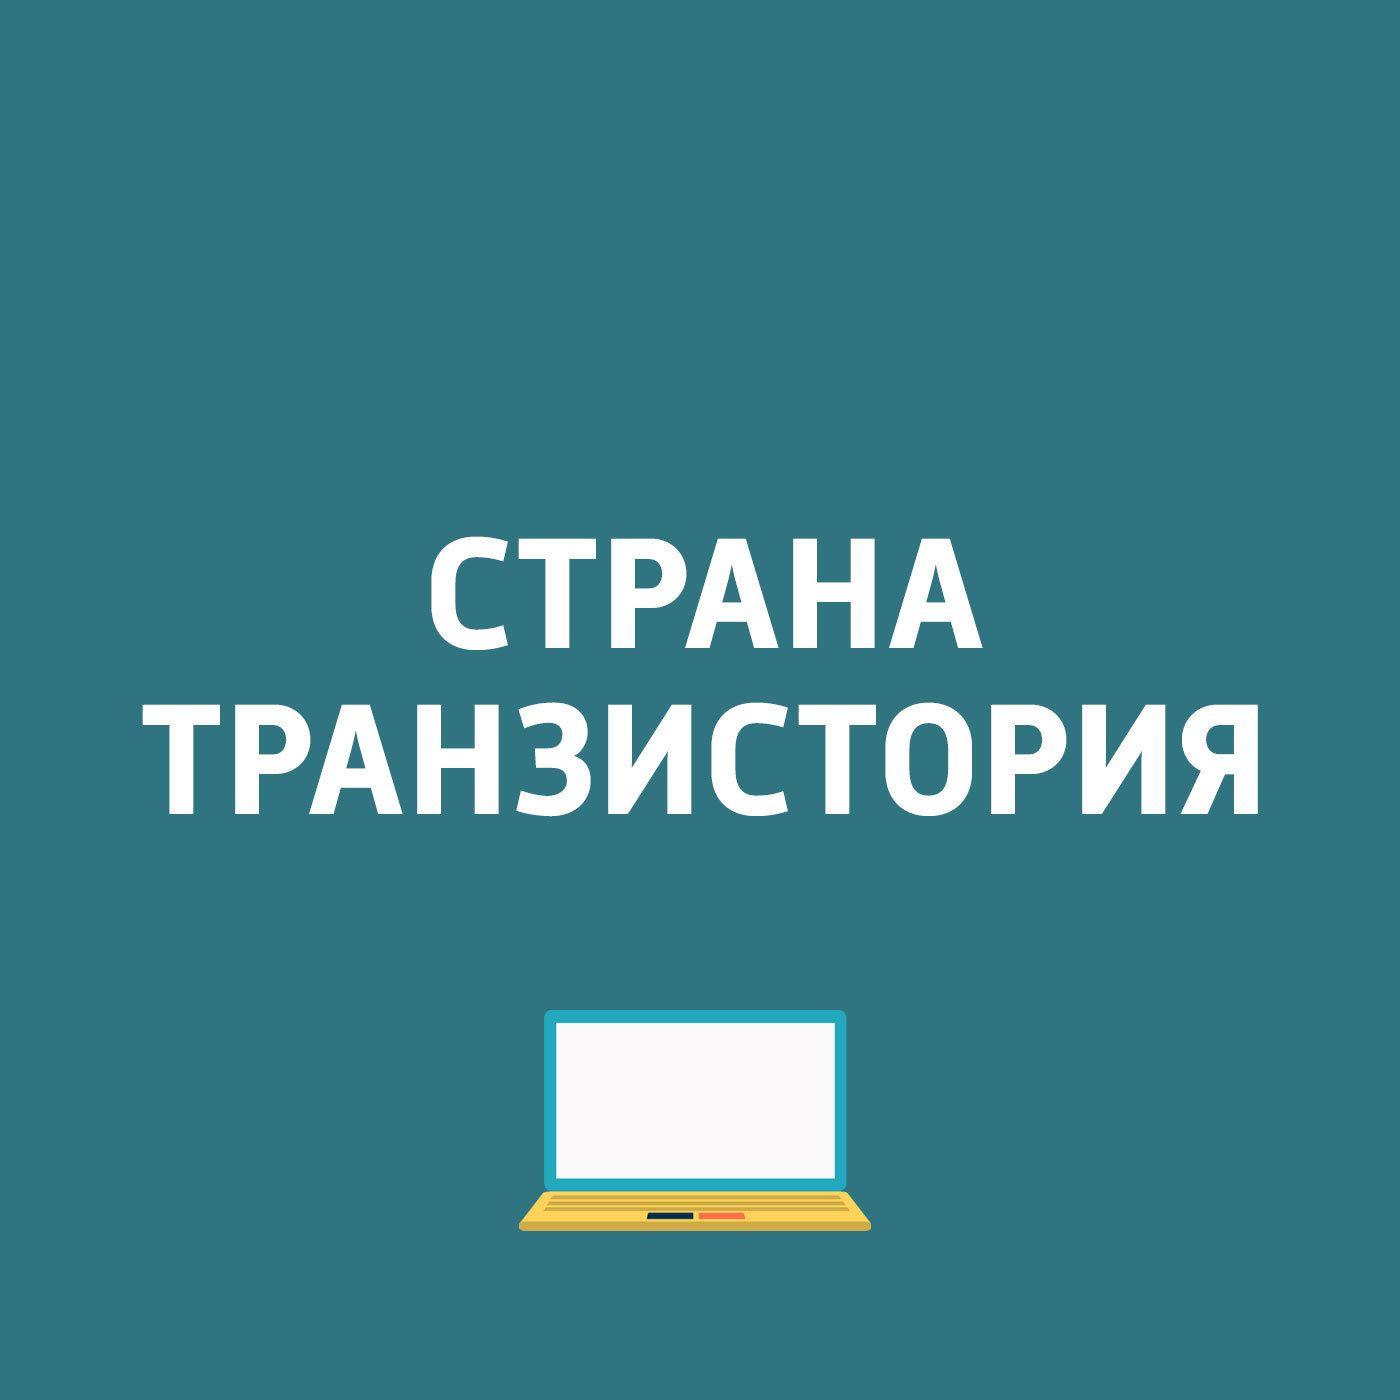 Картаев Павел Рунет отпраздновал 25-летний юбилей картаев павел игра про леонардо самый дешевый смартфон армейский ноутбук